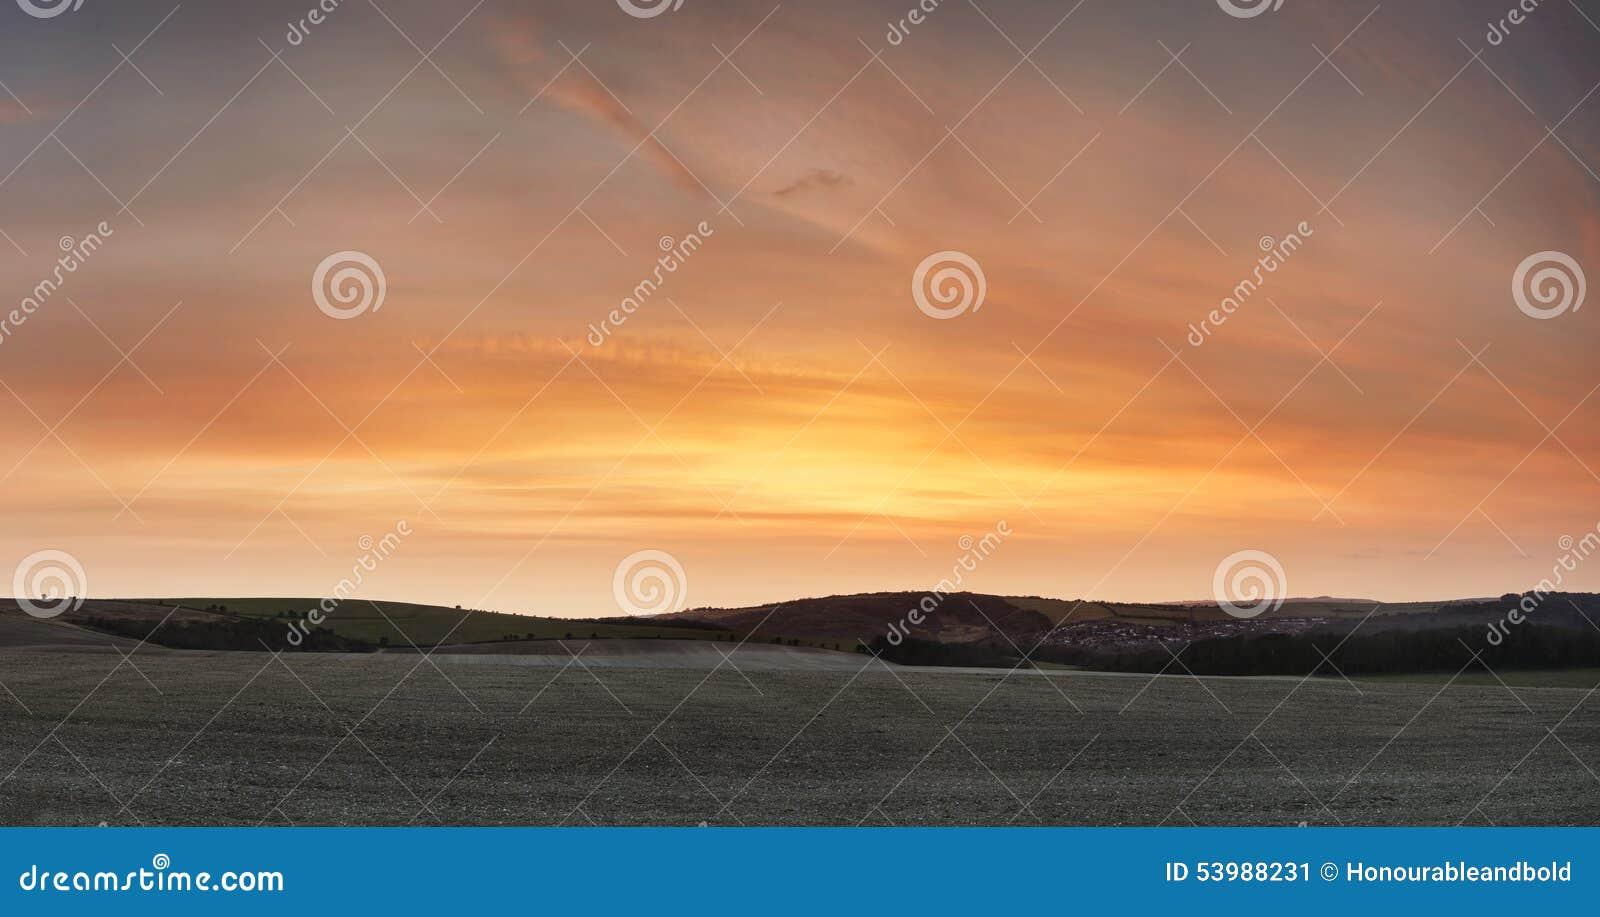 Bedöva härlig solnedgång över lantgårdlandskap med vibrerande coors